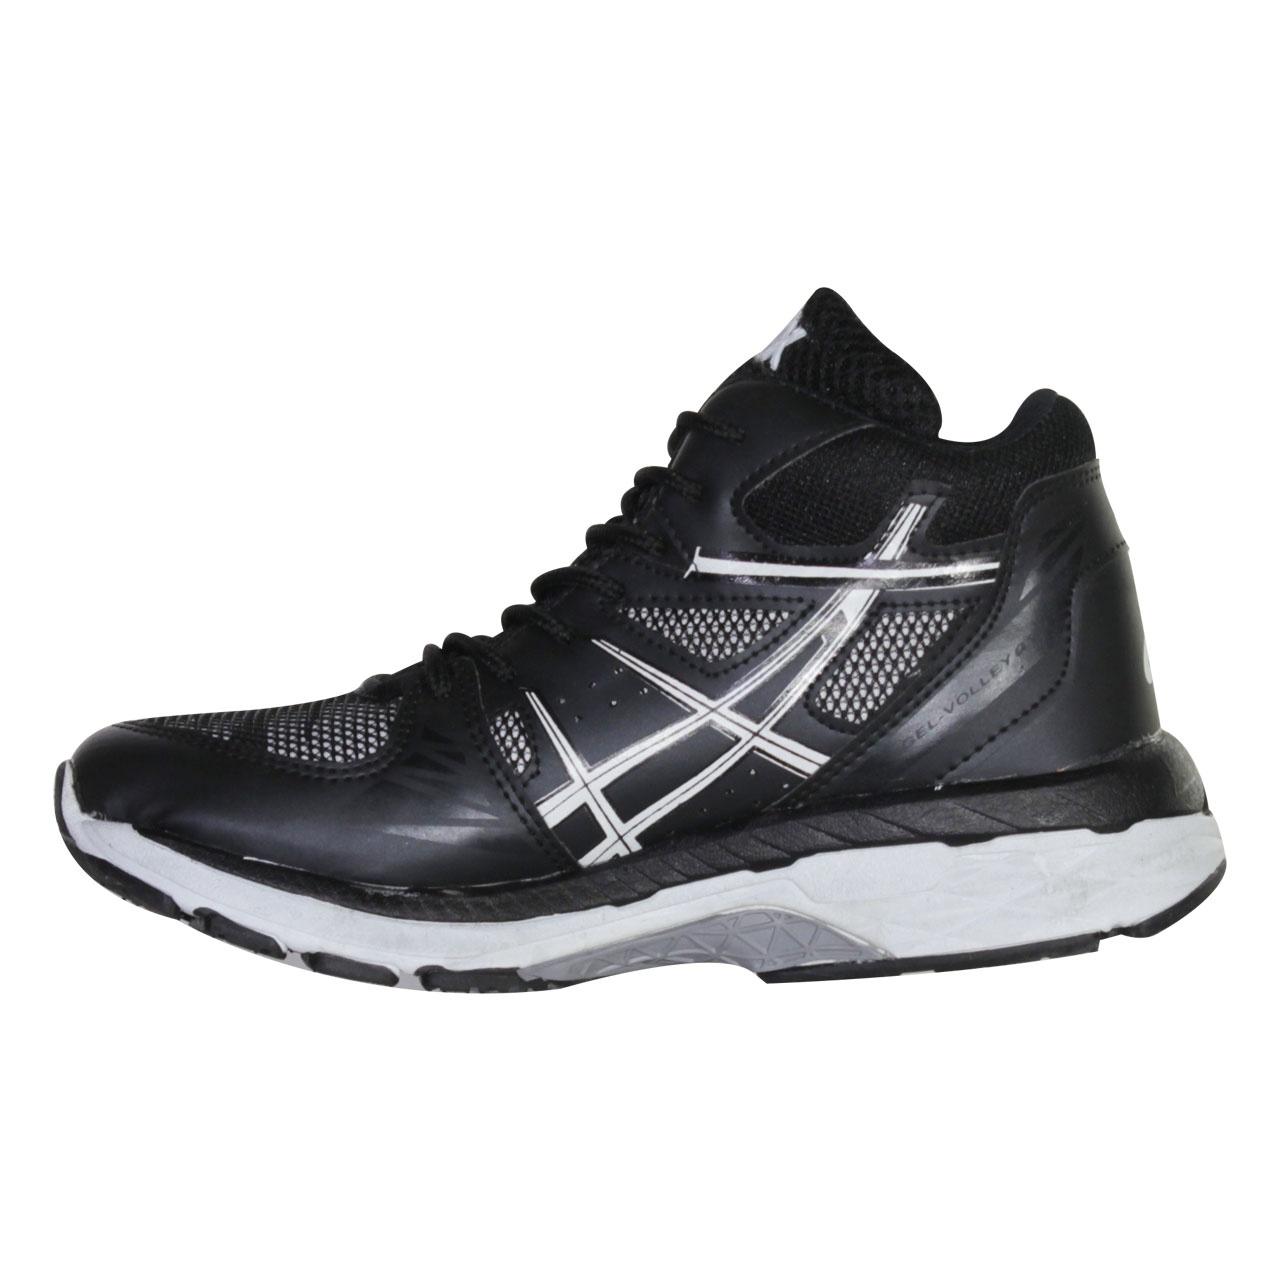 کفش مخصوص پیاده روی زنانه مدل Jonathan کد 02